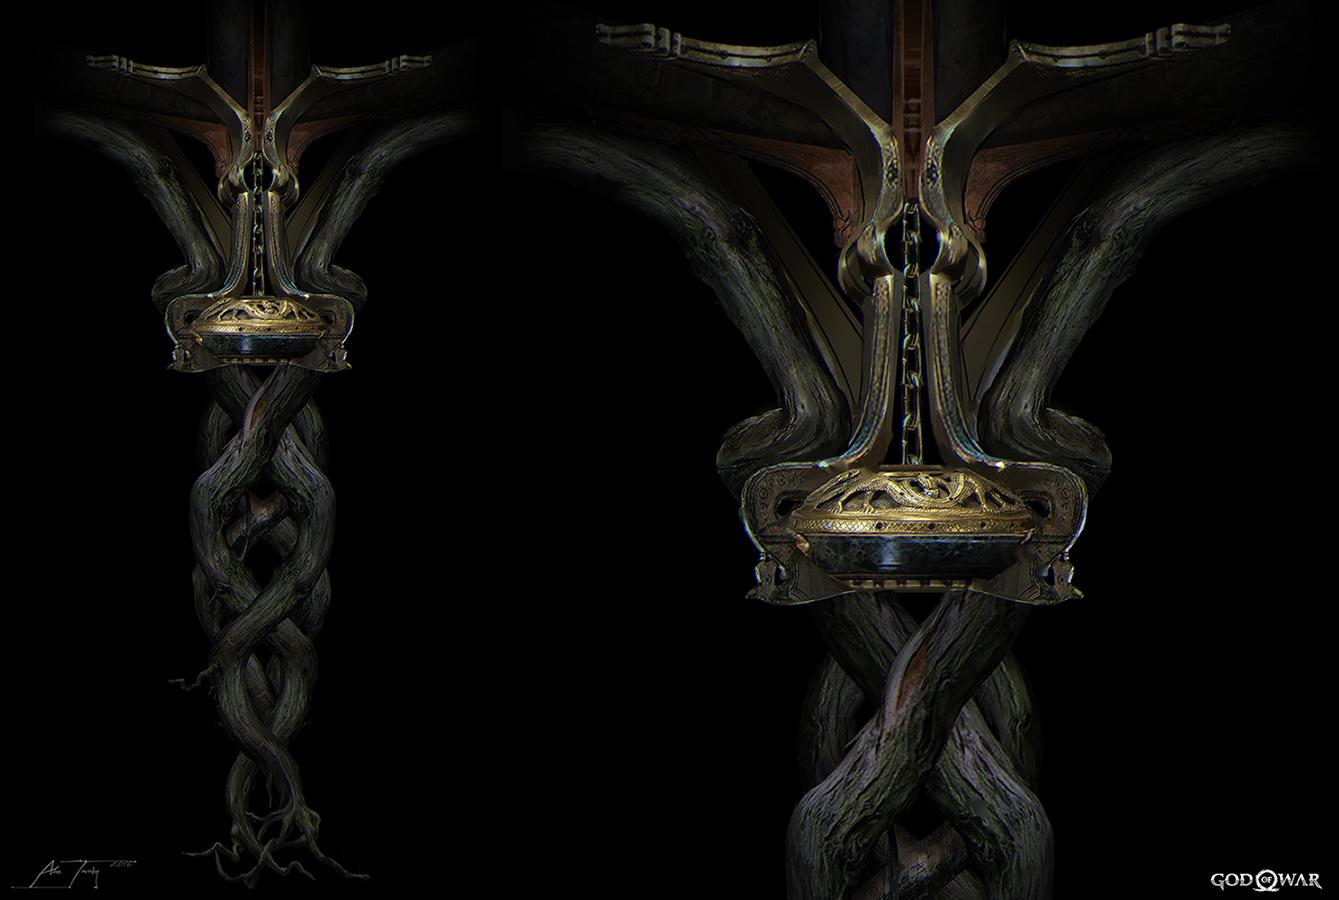 Rune_Stone_Vault_AT_04.jpg